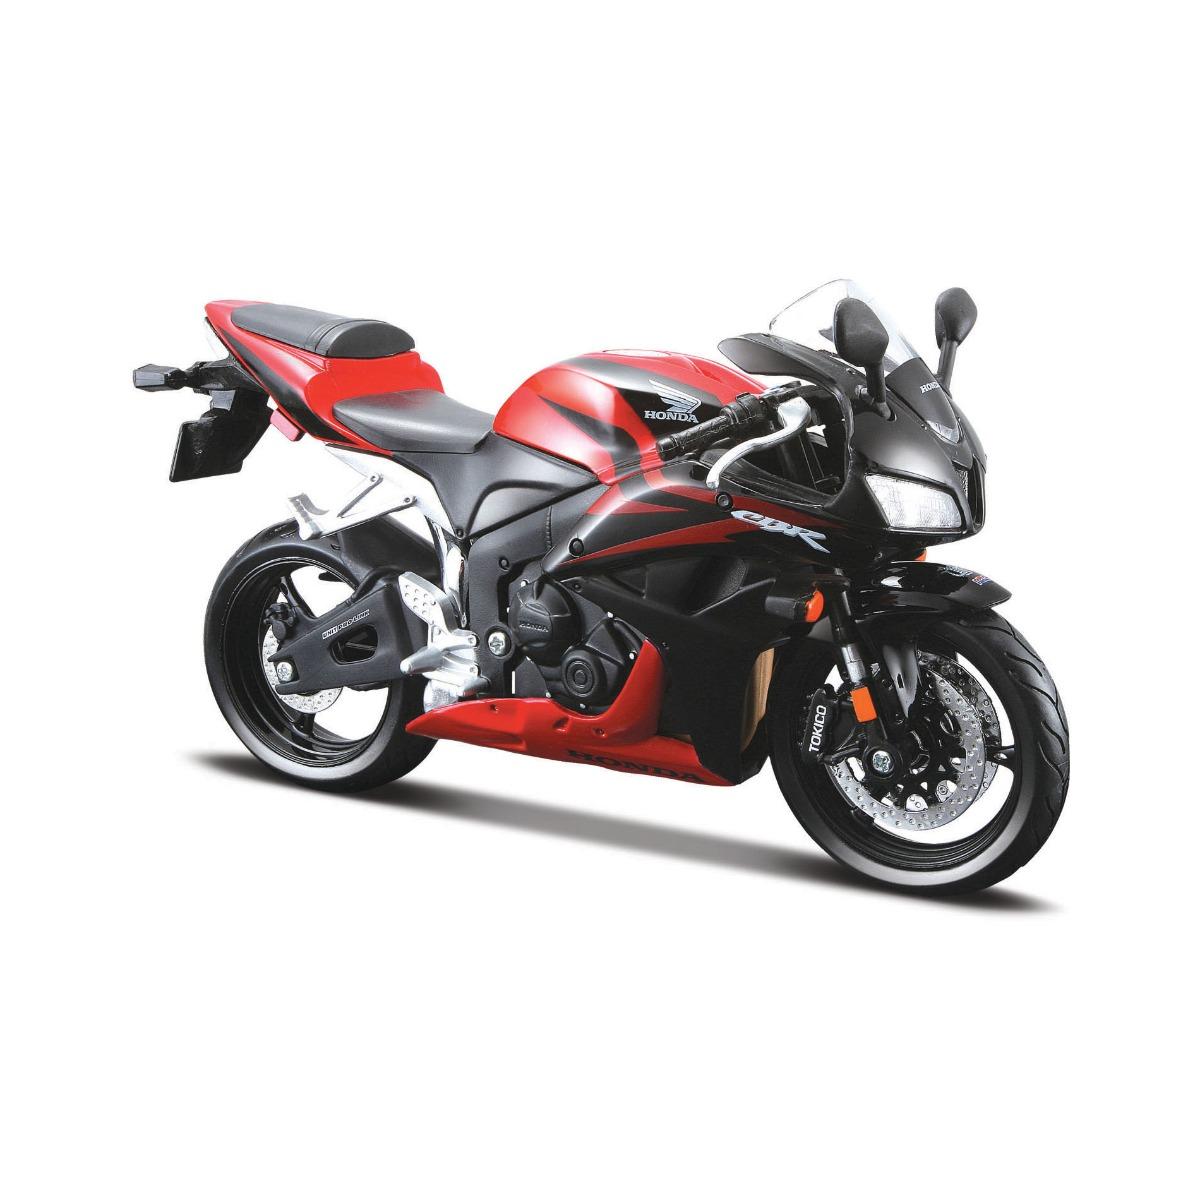 Motocicleta Maisto Honda CBR 600 RR, 1:12